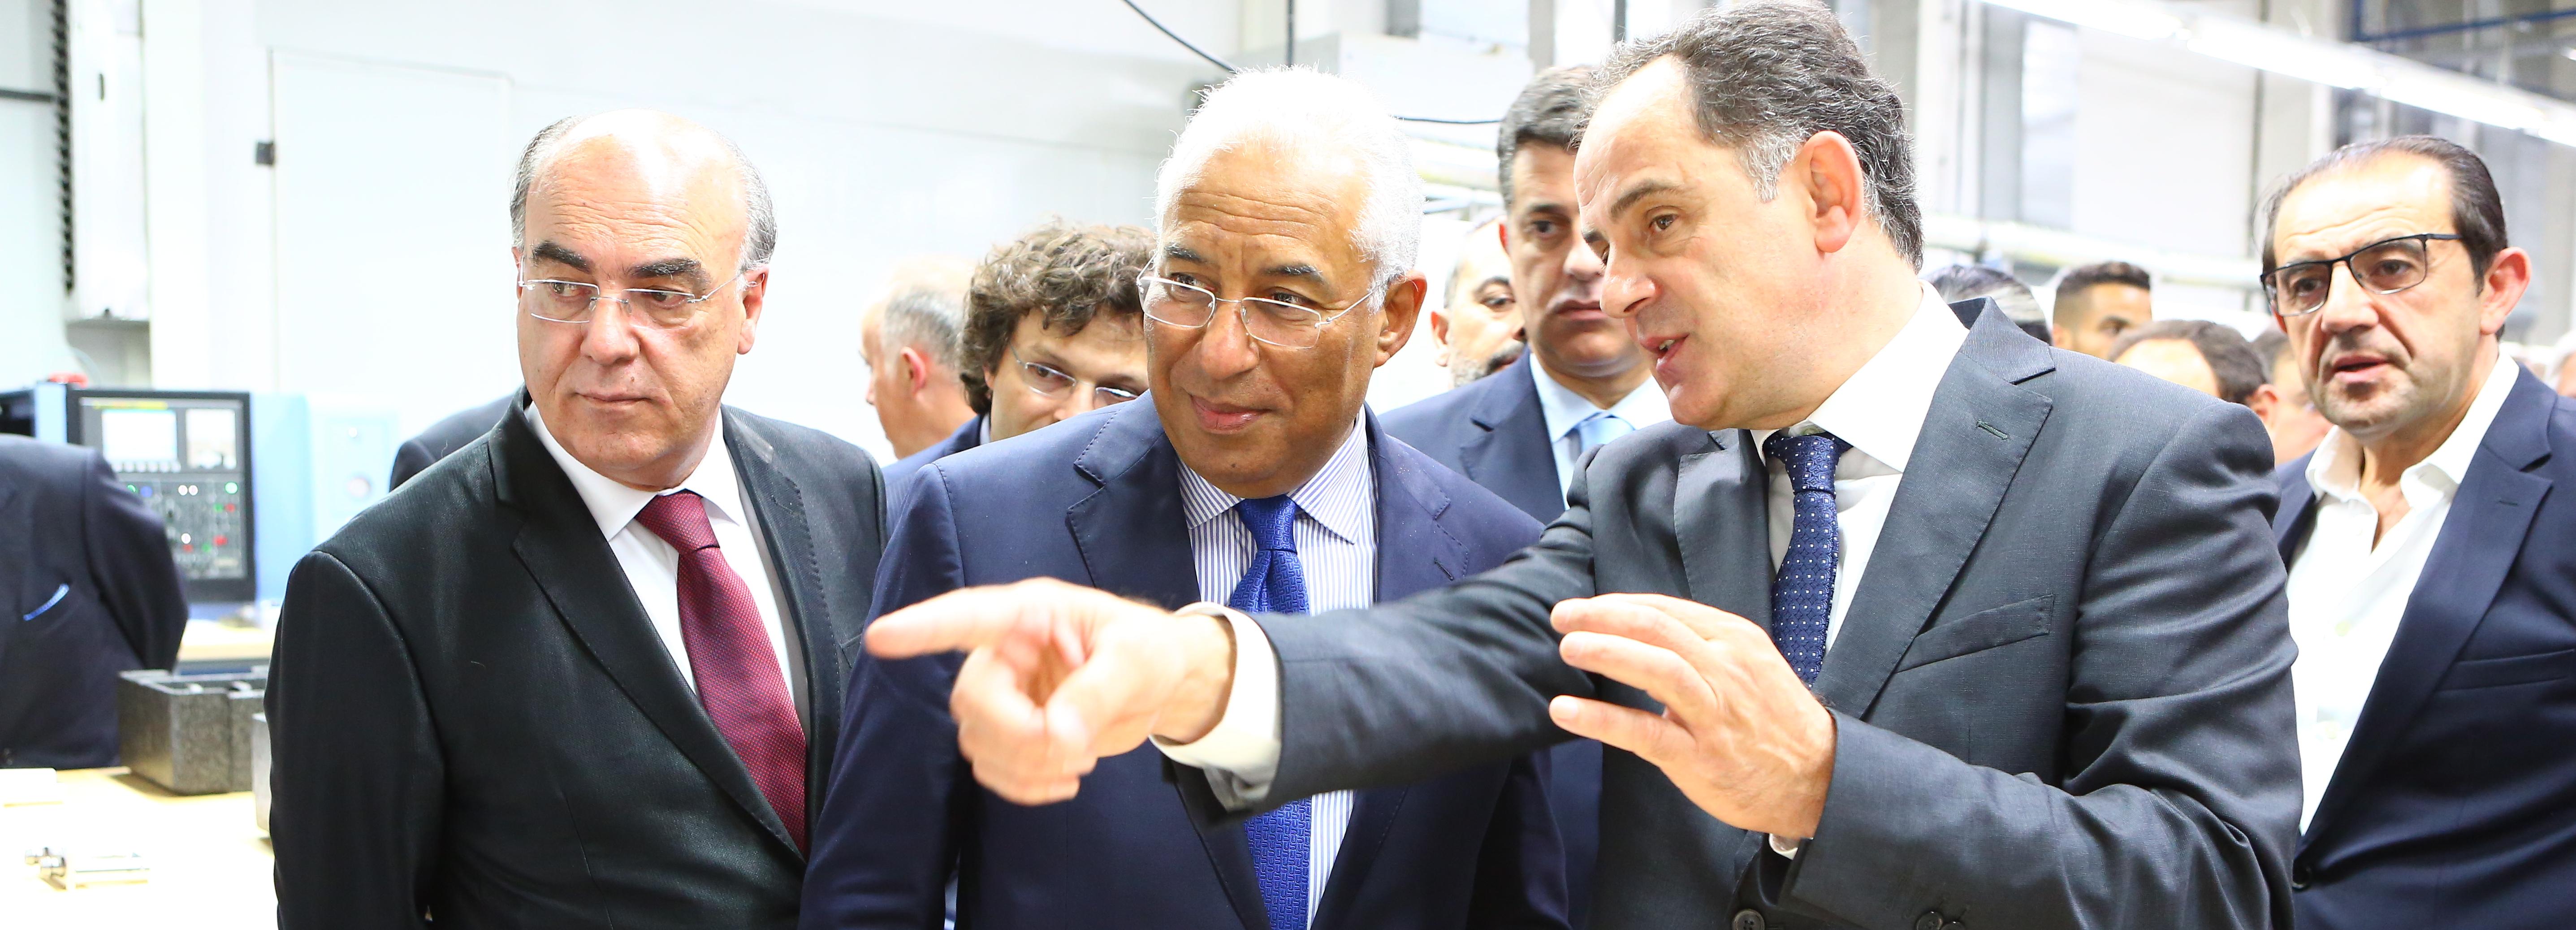 Primeiro-Ministro inaugurou as novas instalações da Kristaltek em Barcelos